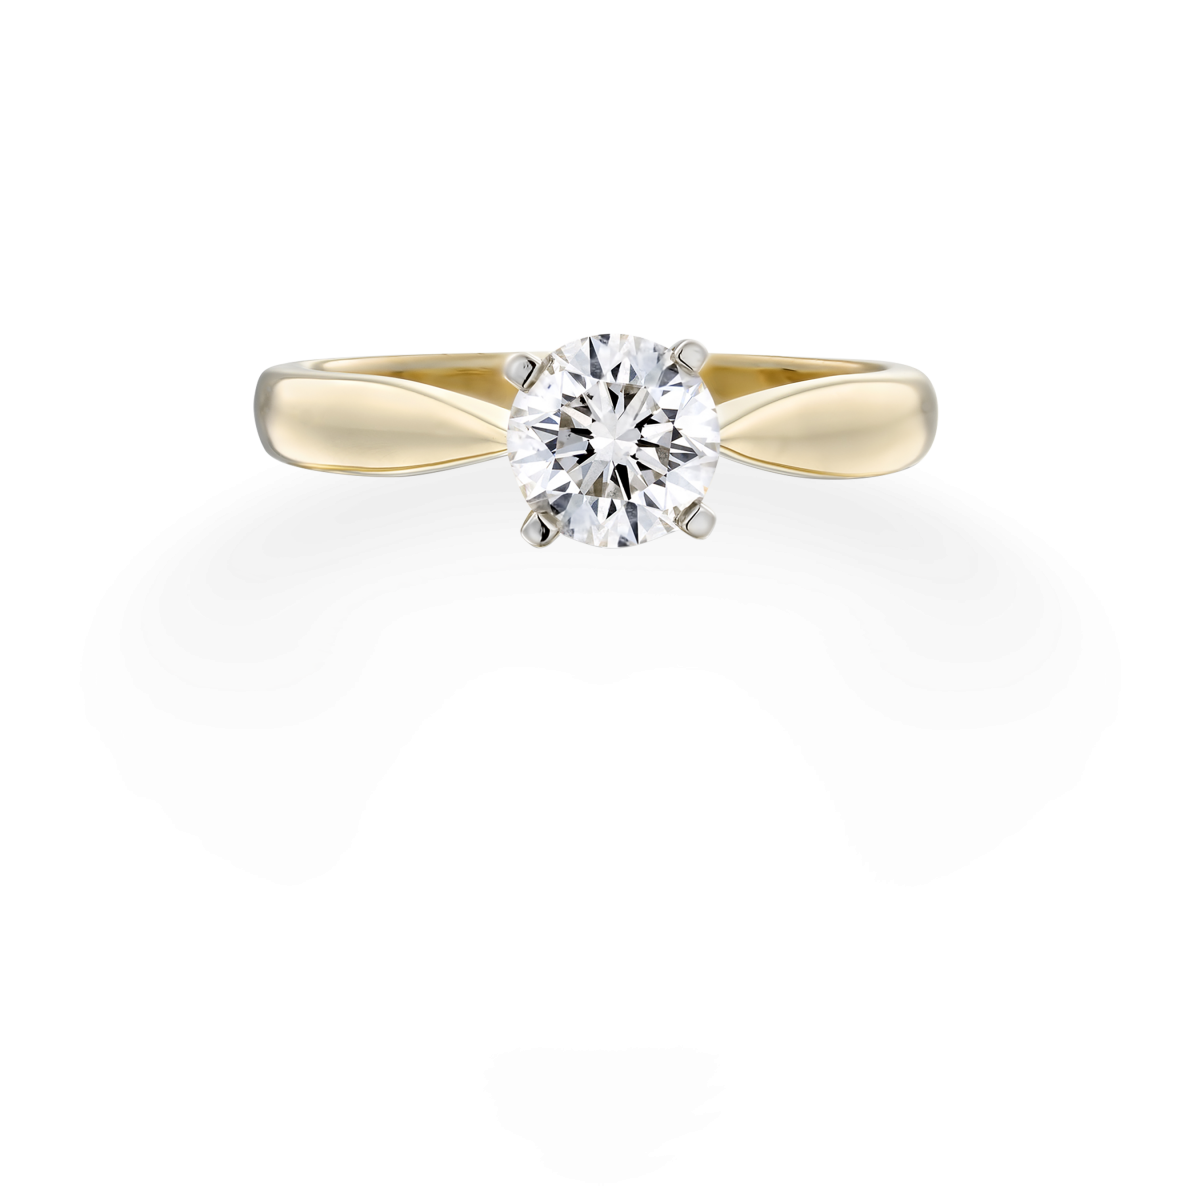 טבעת אודרי - זהב צהוב